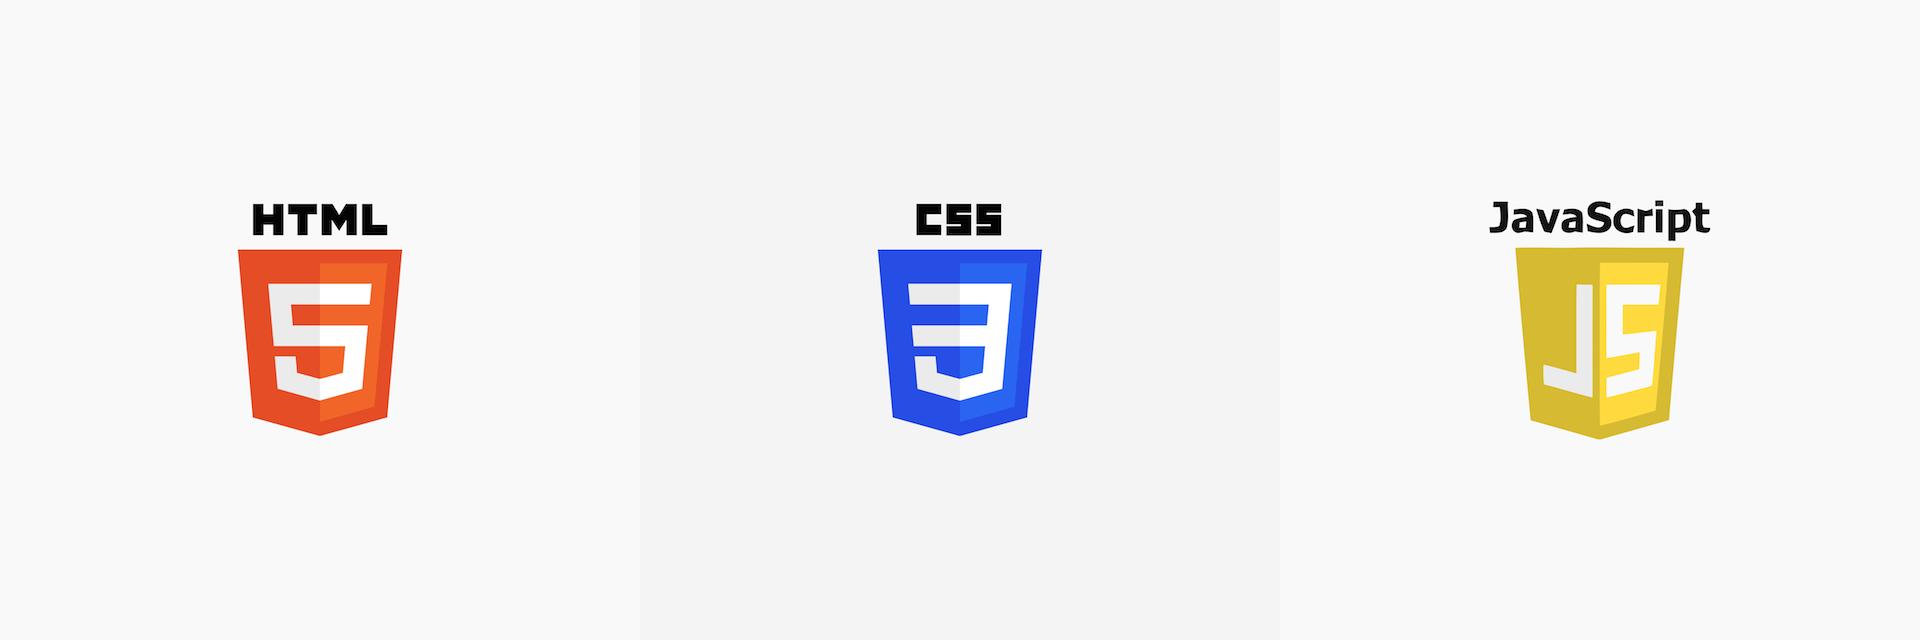 Les principaux langages de programmation pour créer un site internet. HTML5, CSS3, JavaScript.